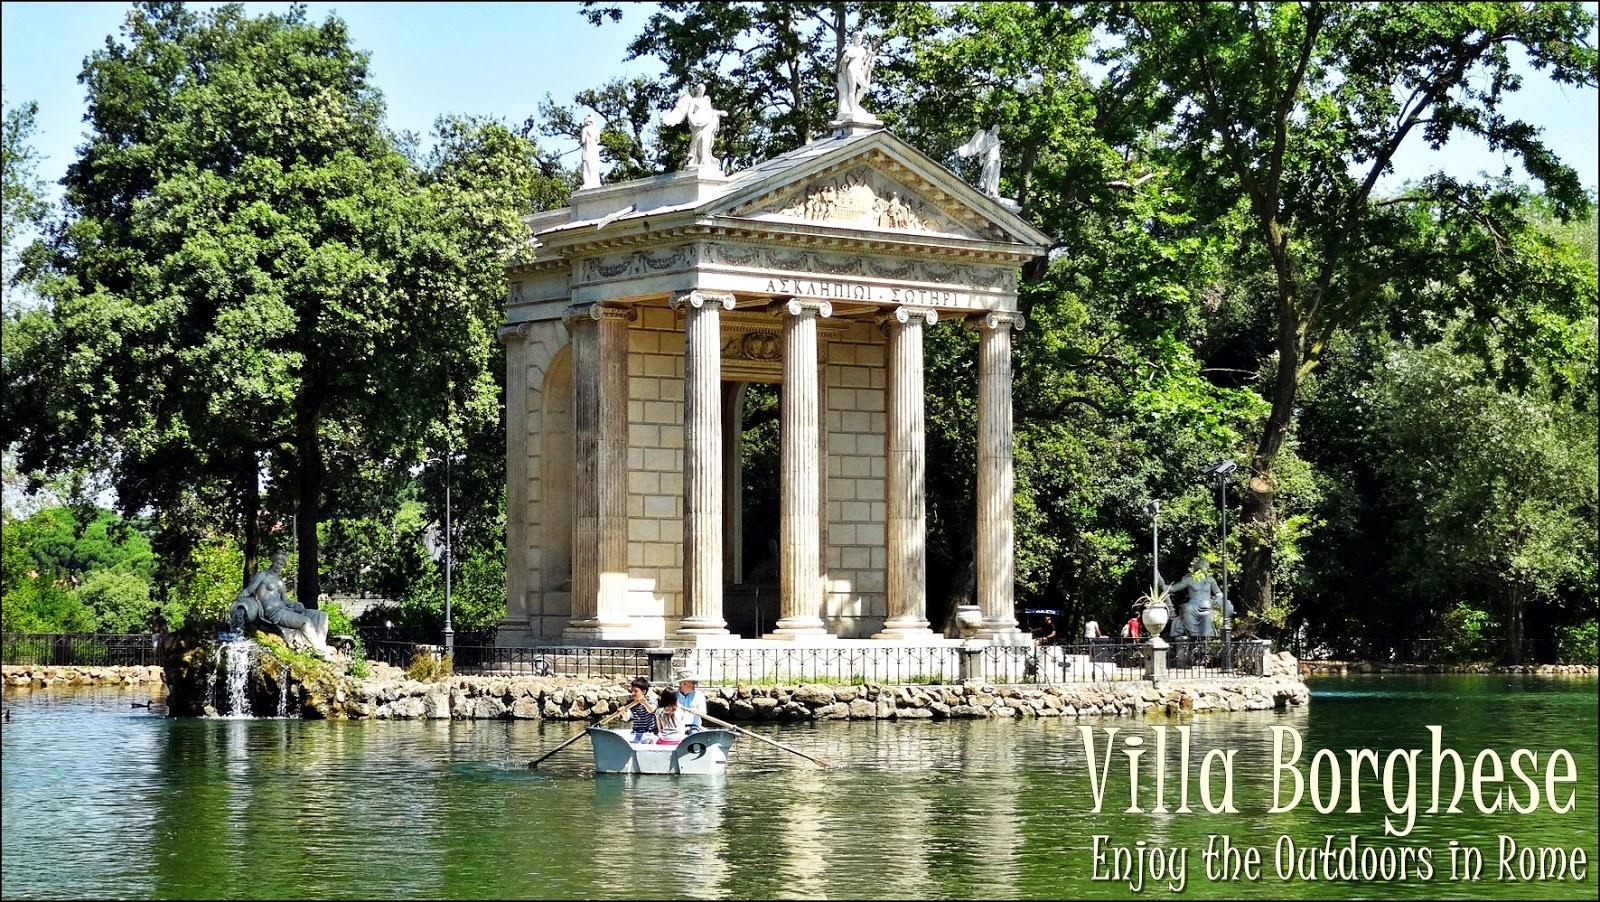 Rome, park, rowboats